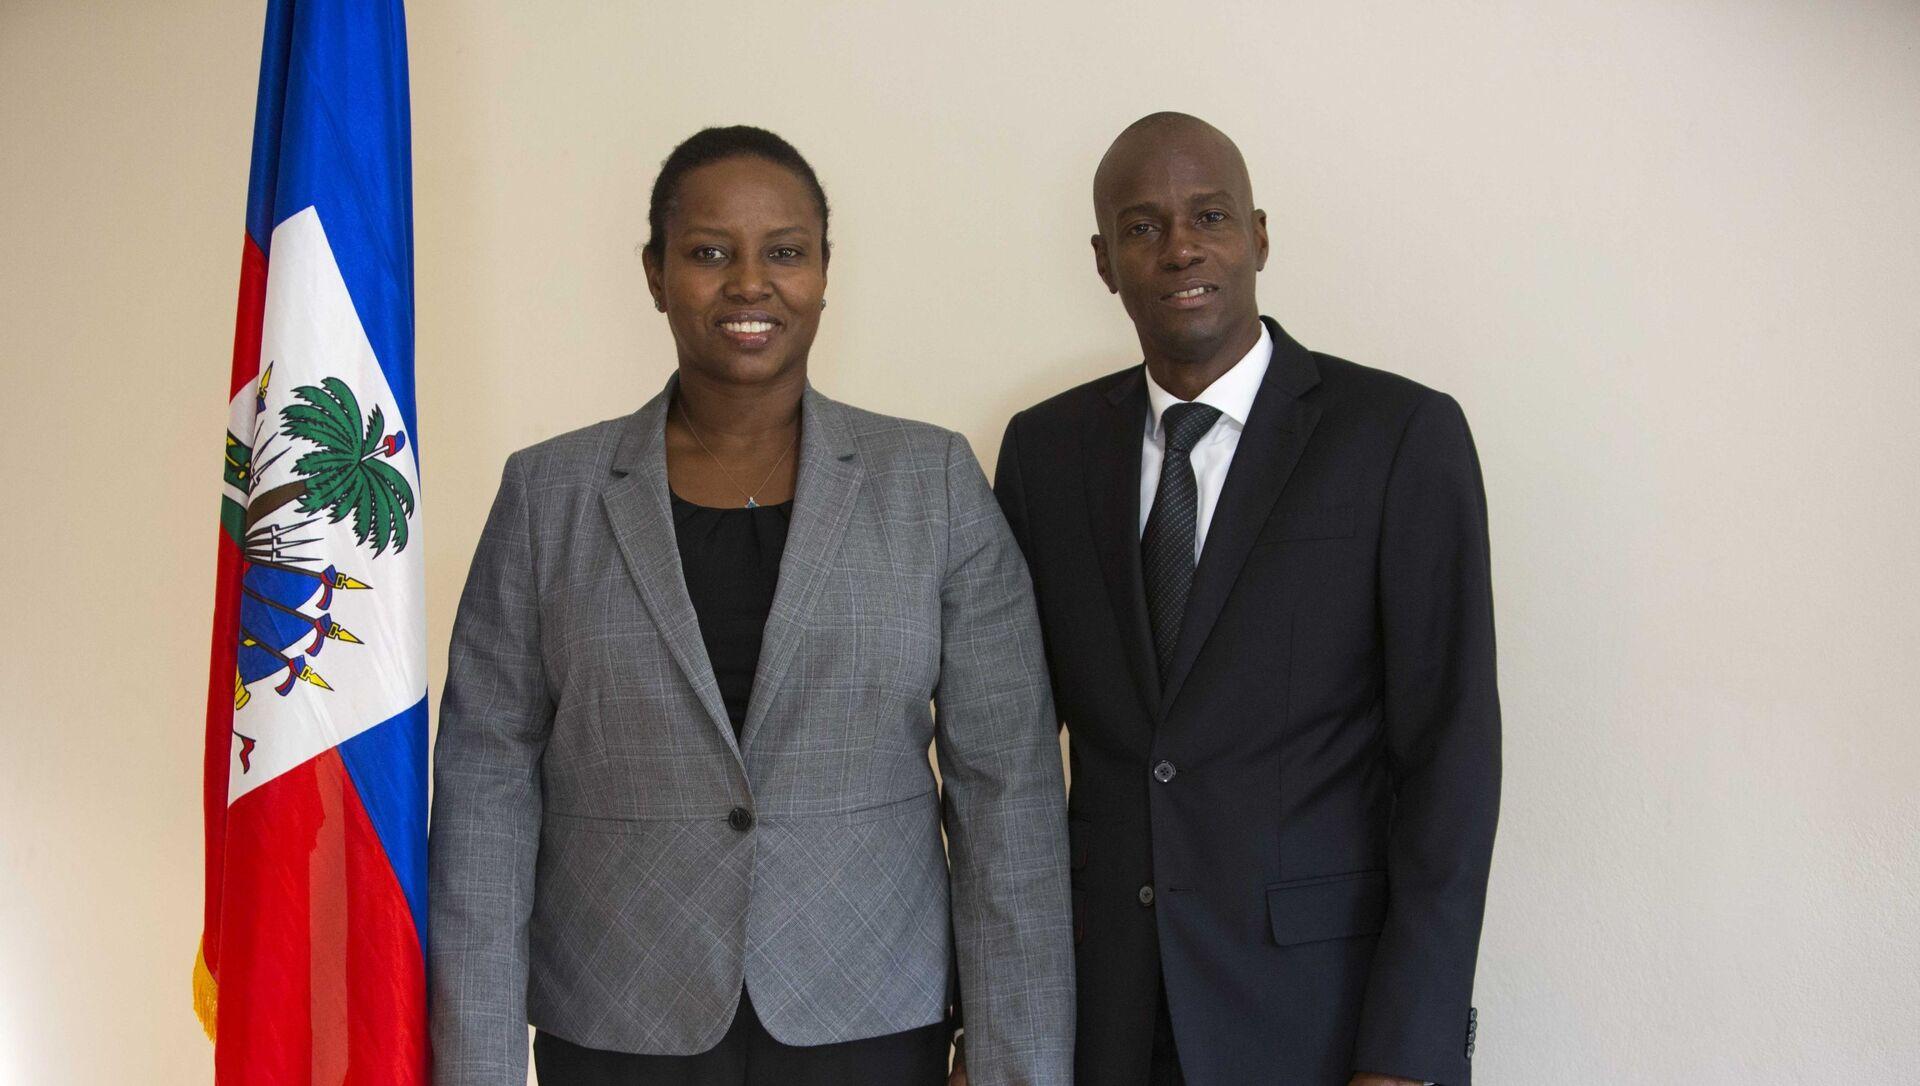 Tổng thống Haiti Jovenel Moise với phu nhân Martine - Sputnik Việt Nam, 1920, 30.07.2021